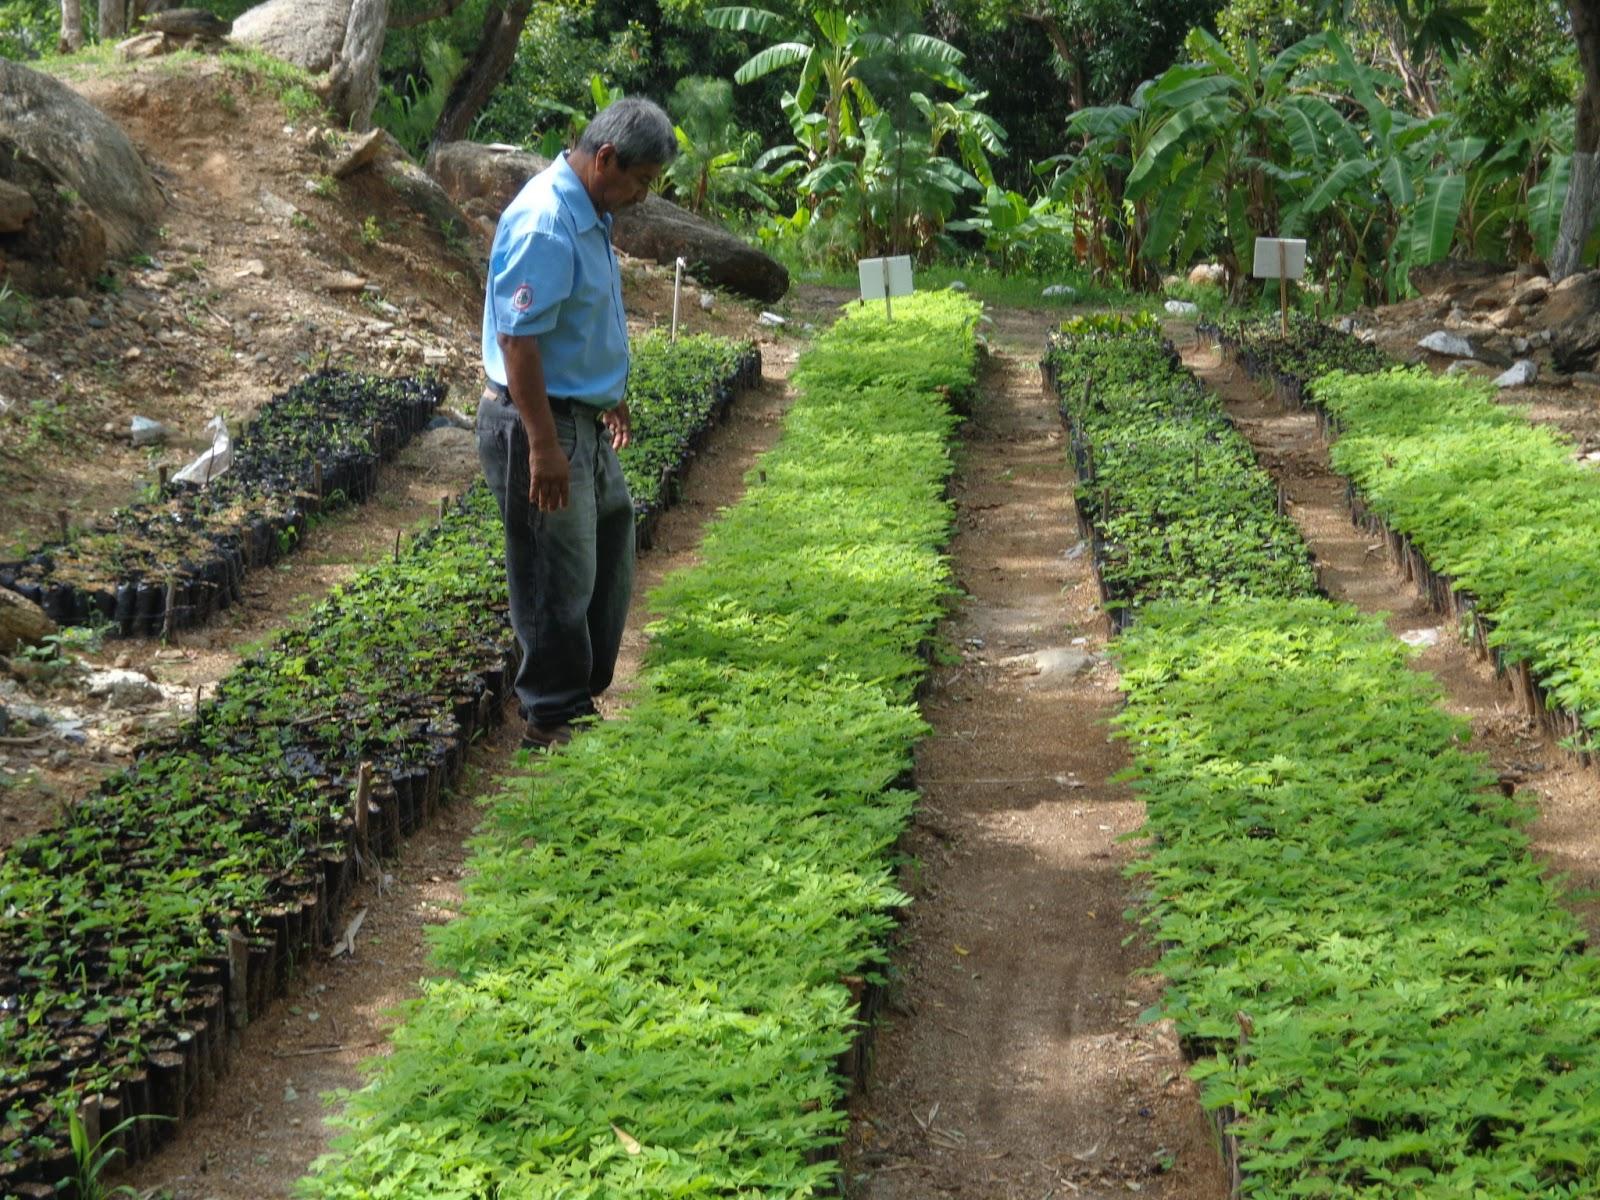 Teculut n desarrollo en el proceso de viveros forestales for Proyecto productivo de vivero forestal